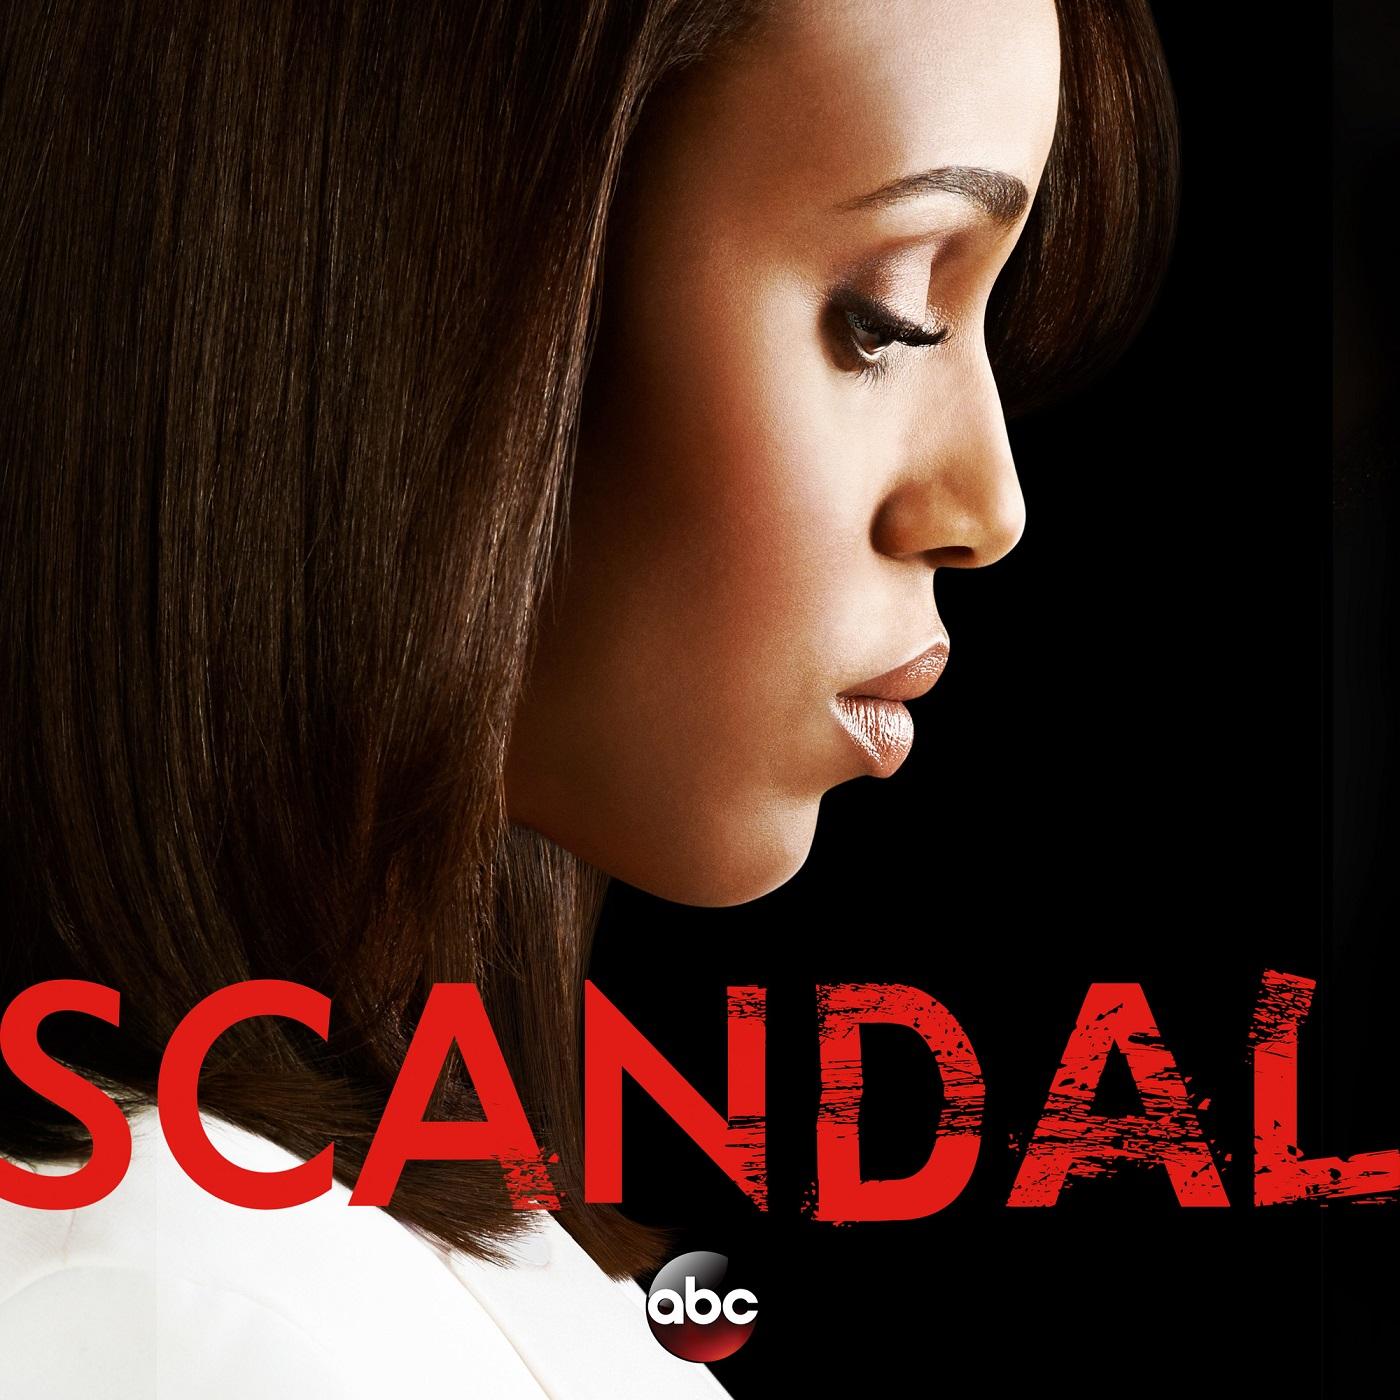 Scandal 2012 S05 720p 1080p WEB DL | S05E01-E09 Teky